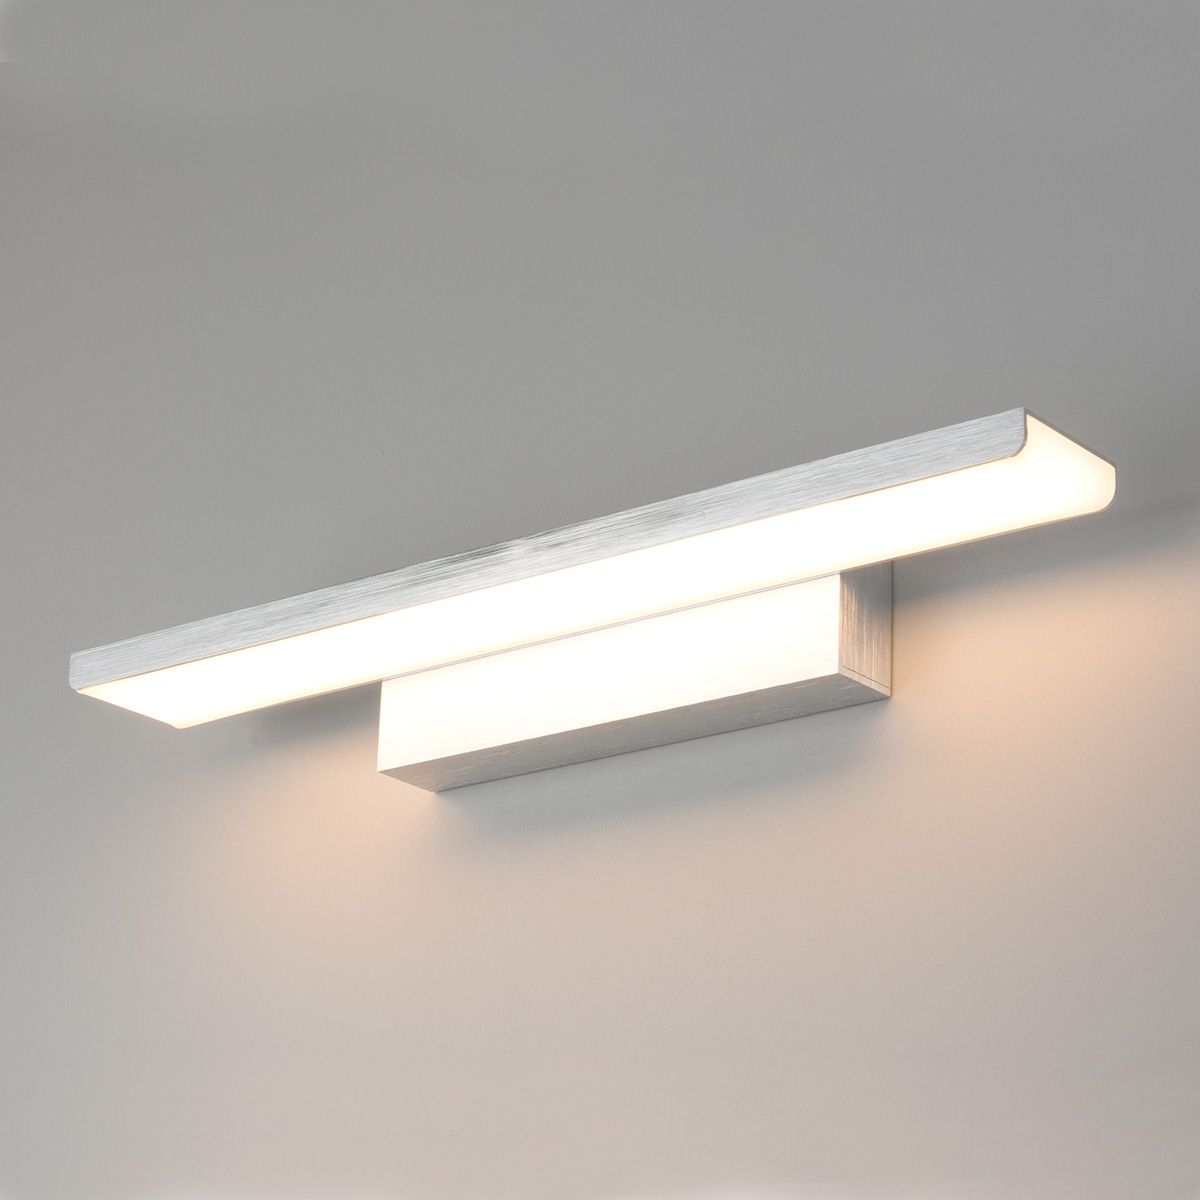 Настенный светодиодный светильник Sankara LED серебро Sankara LED 16W IP20 серебряный